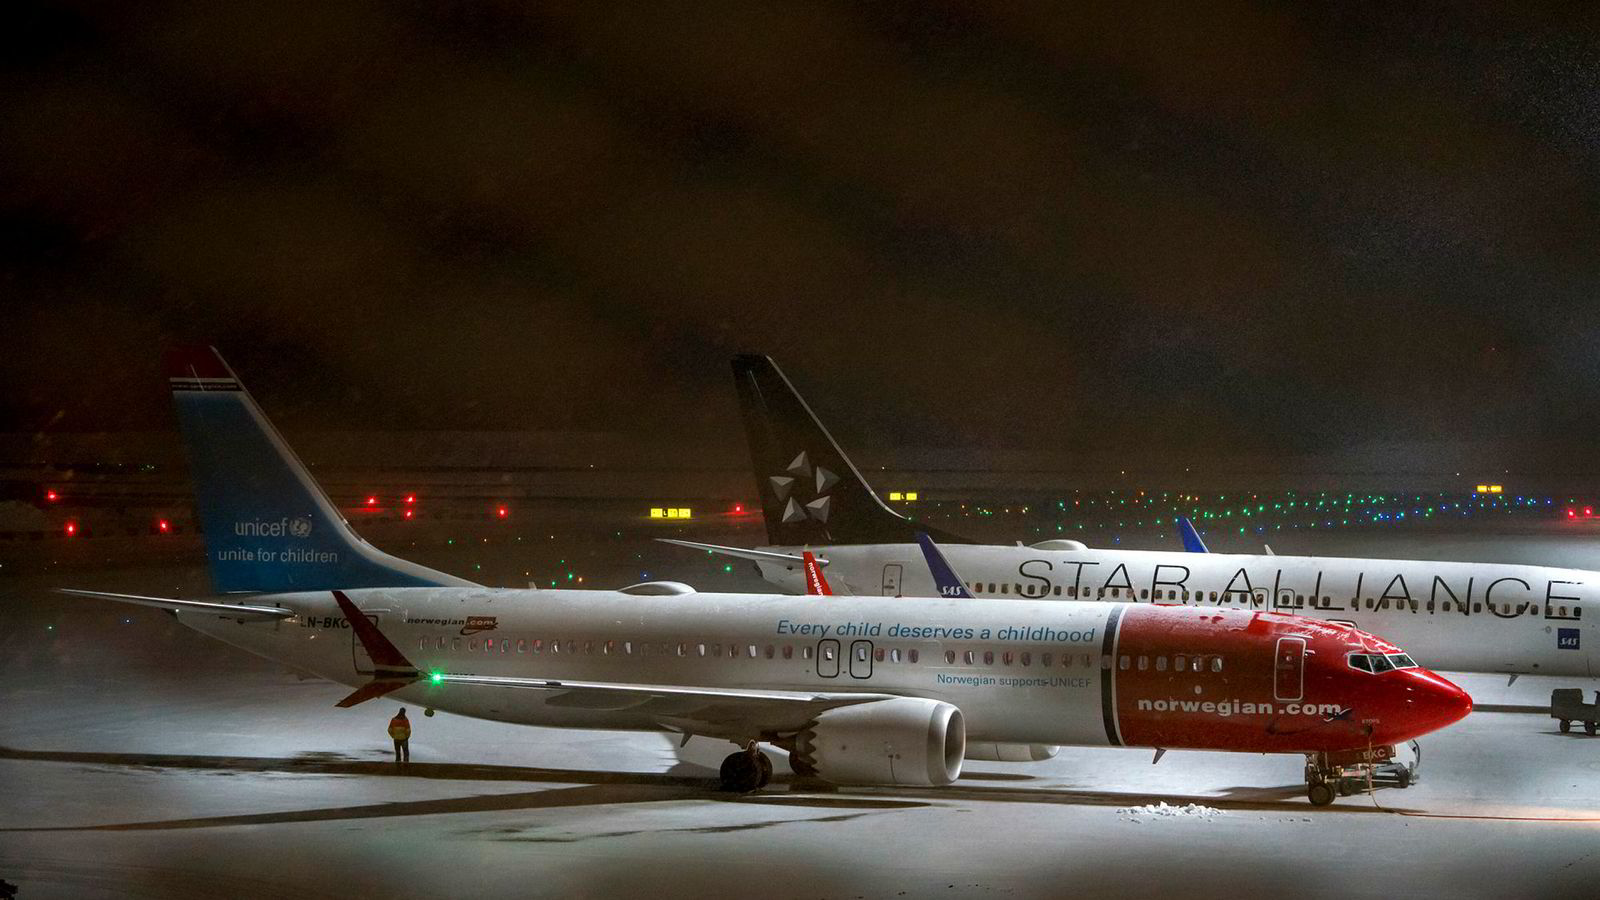 Piloter kritiserer både Boeing og myndigheter et ulykkene med flytypen Boeing 737 Max. Bildet viser Norwegian LN-BKC som er ett av flyselskapets 18 fly av typen MAX 8 som er satt på bakken.